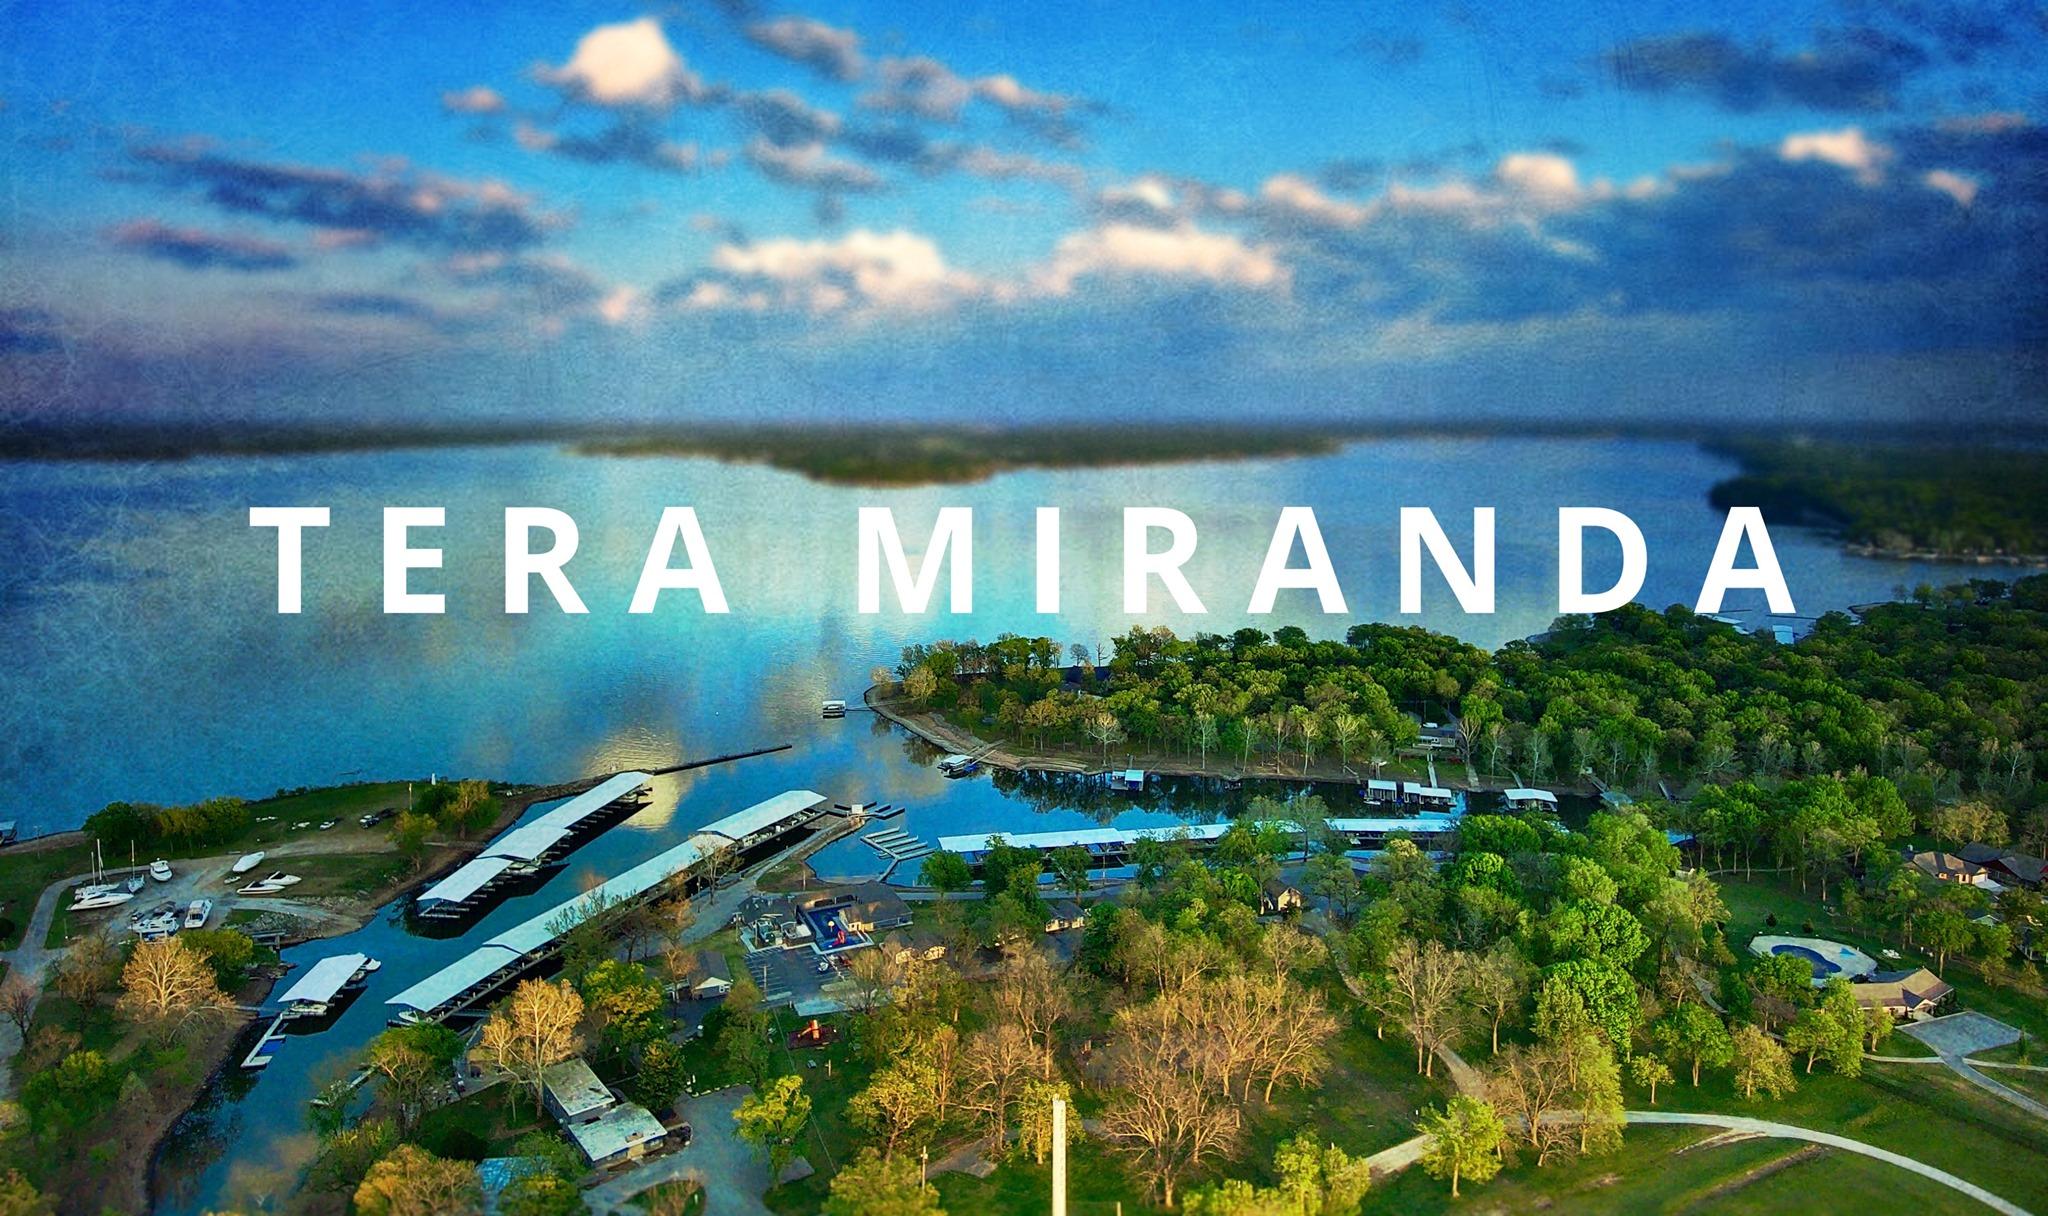 Tera Miranda